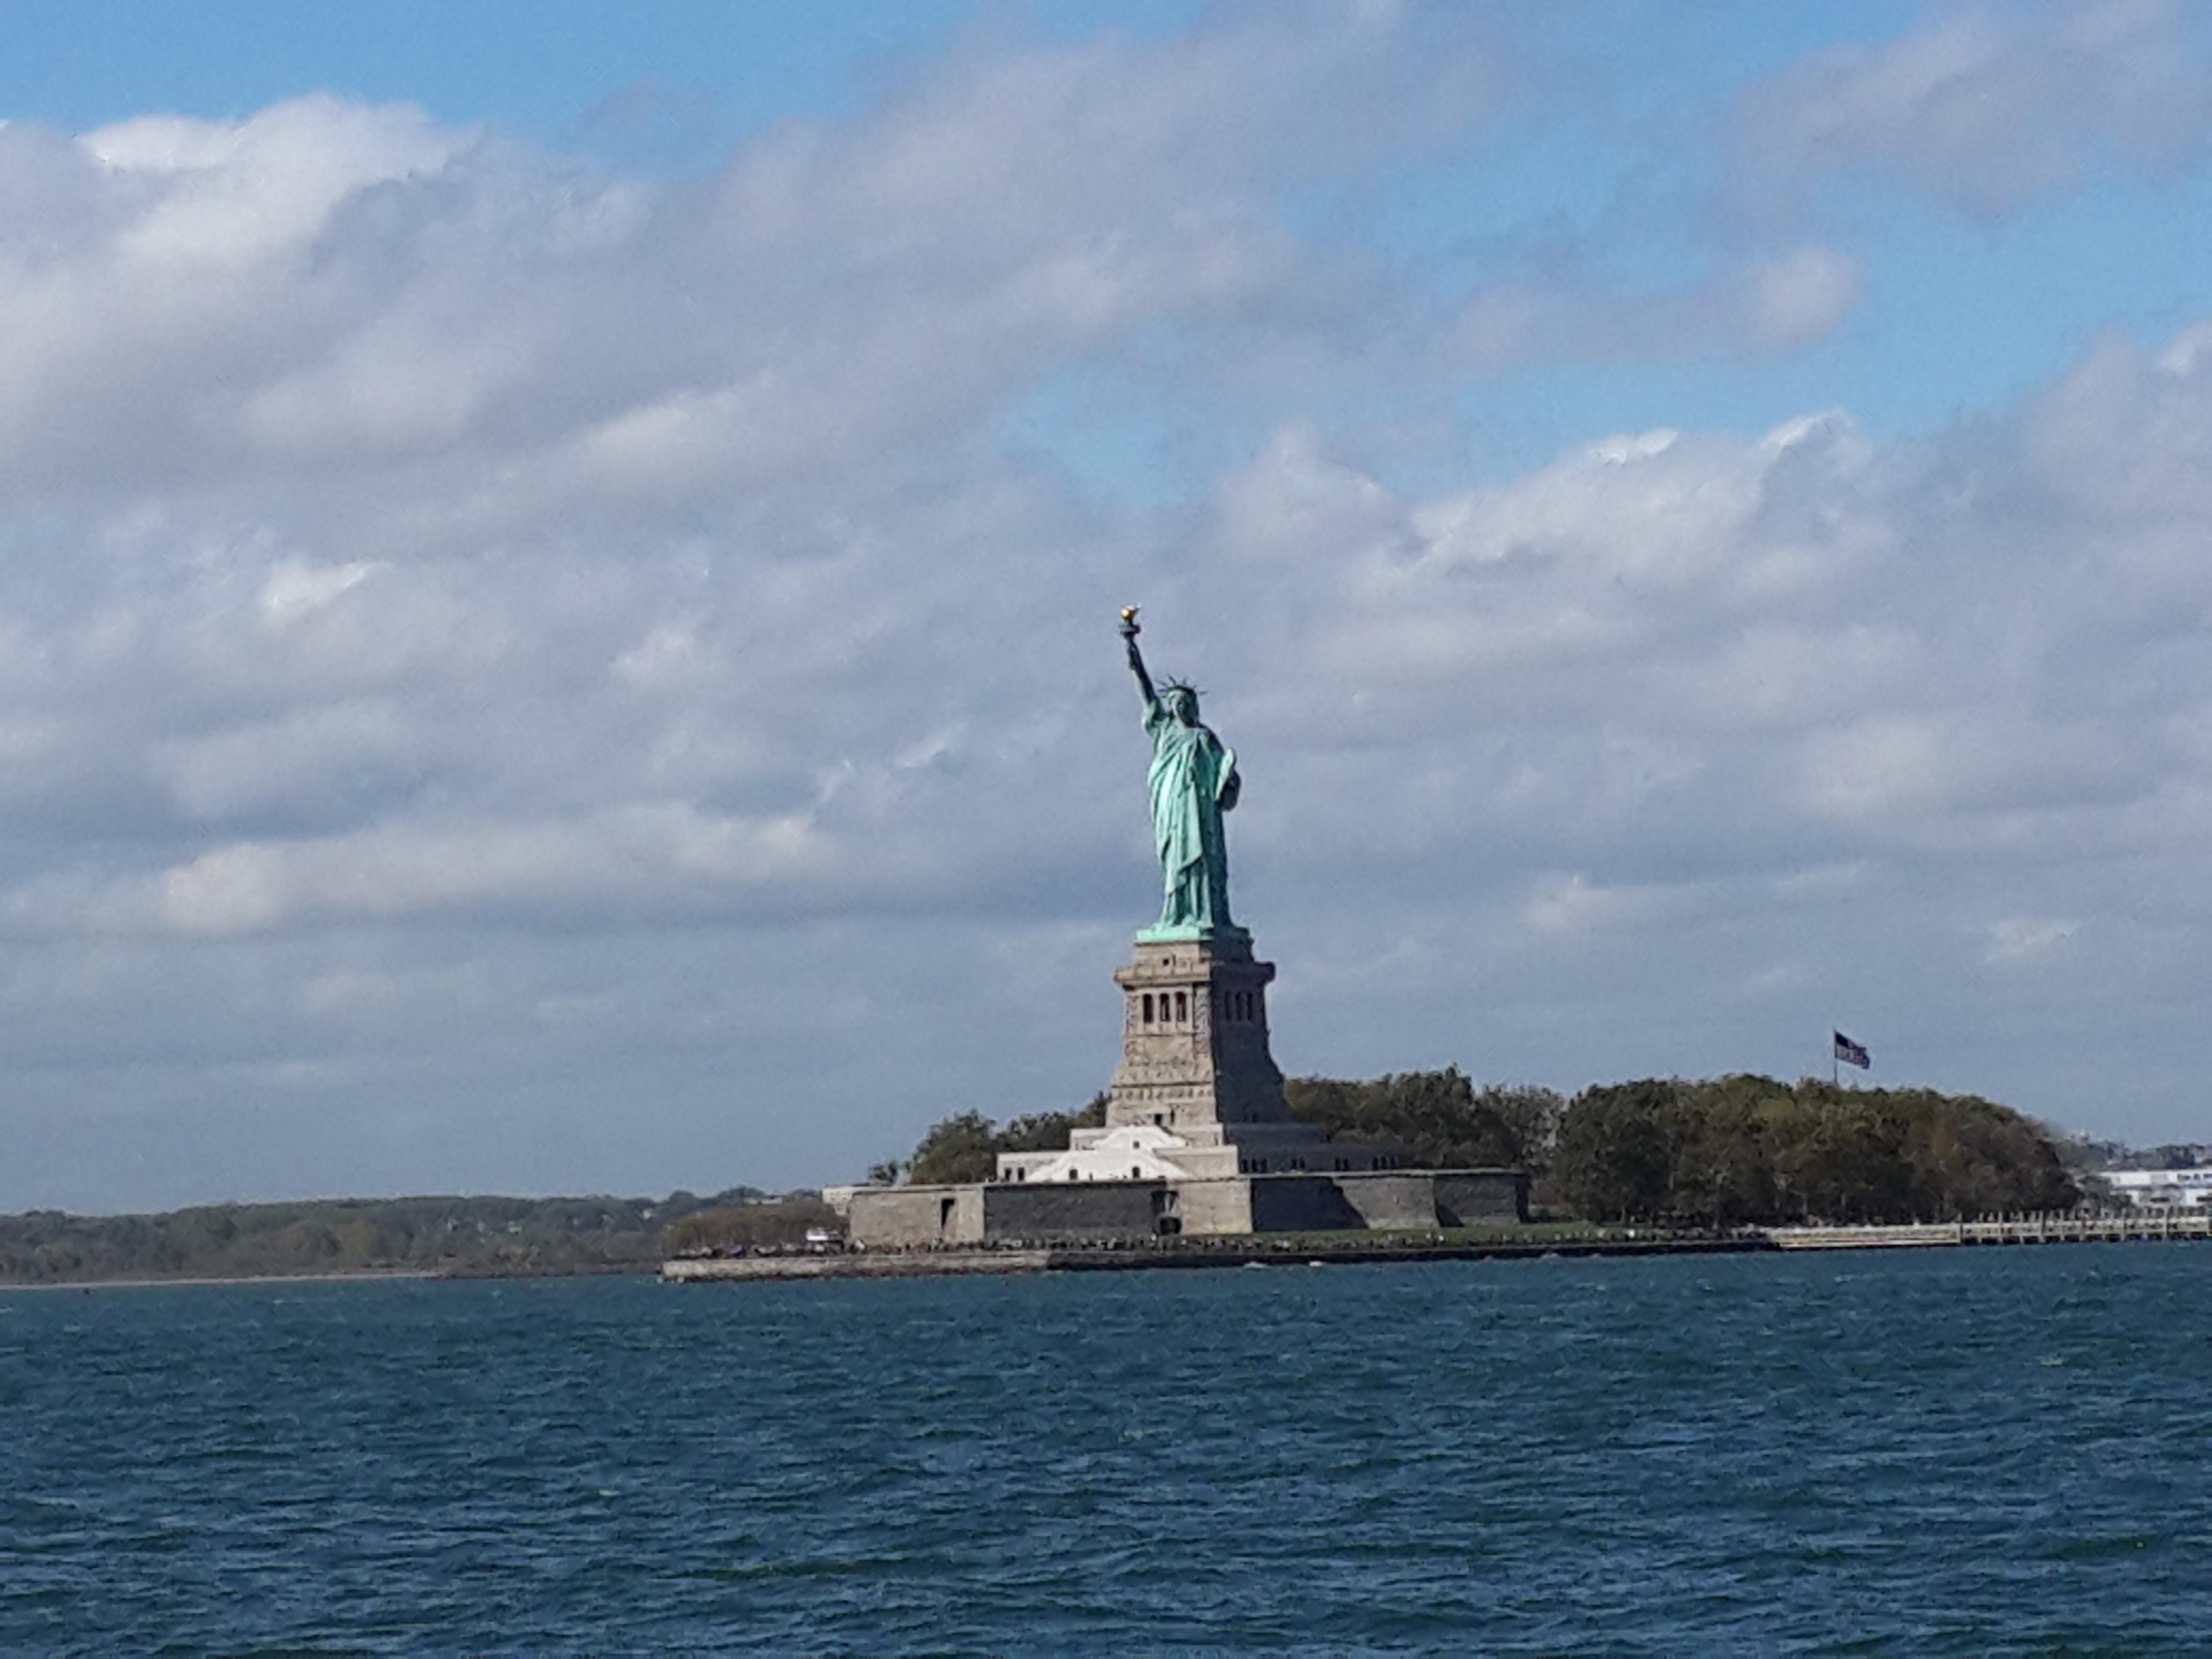 自由女神像,纽约自由女神像门票/地址/攻略/攻略carters淘图片海图片